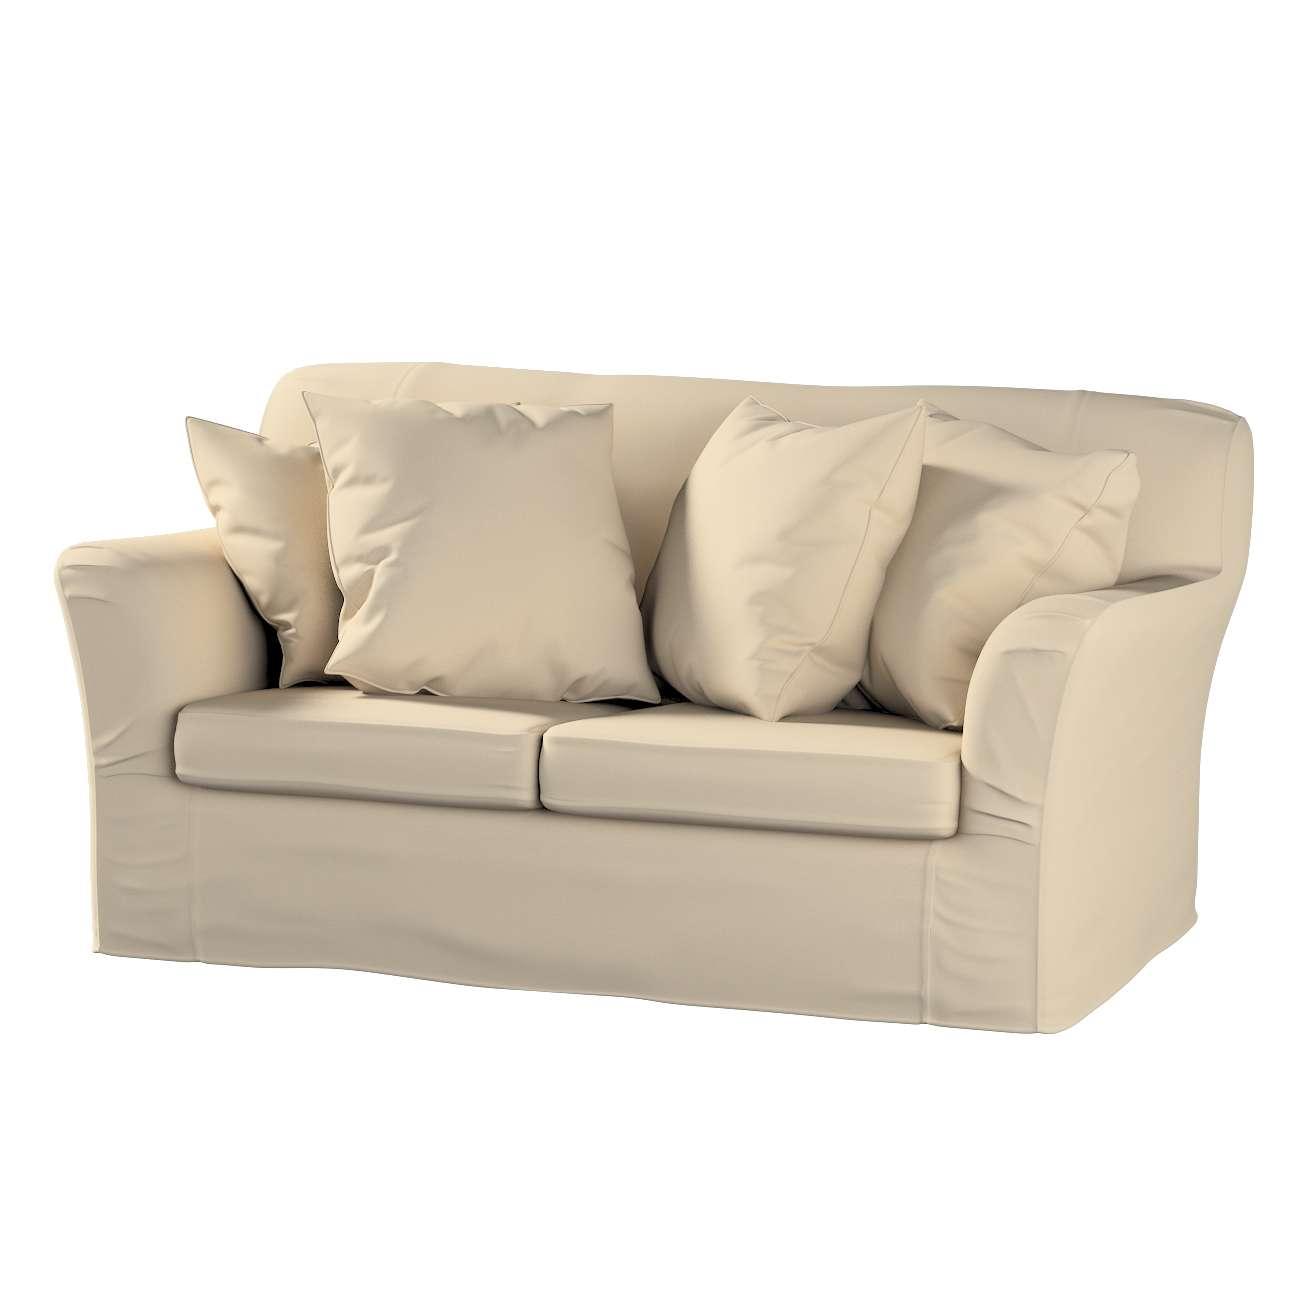 TOMELILLA  dvivietės sofos užvalkalas TOMELILLA dvivietė sofa kolekcijoje Cotton Panama, audinys: 702-01